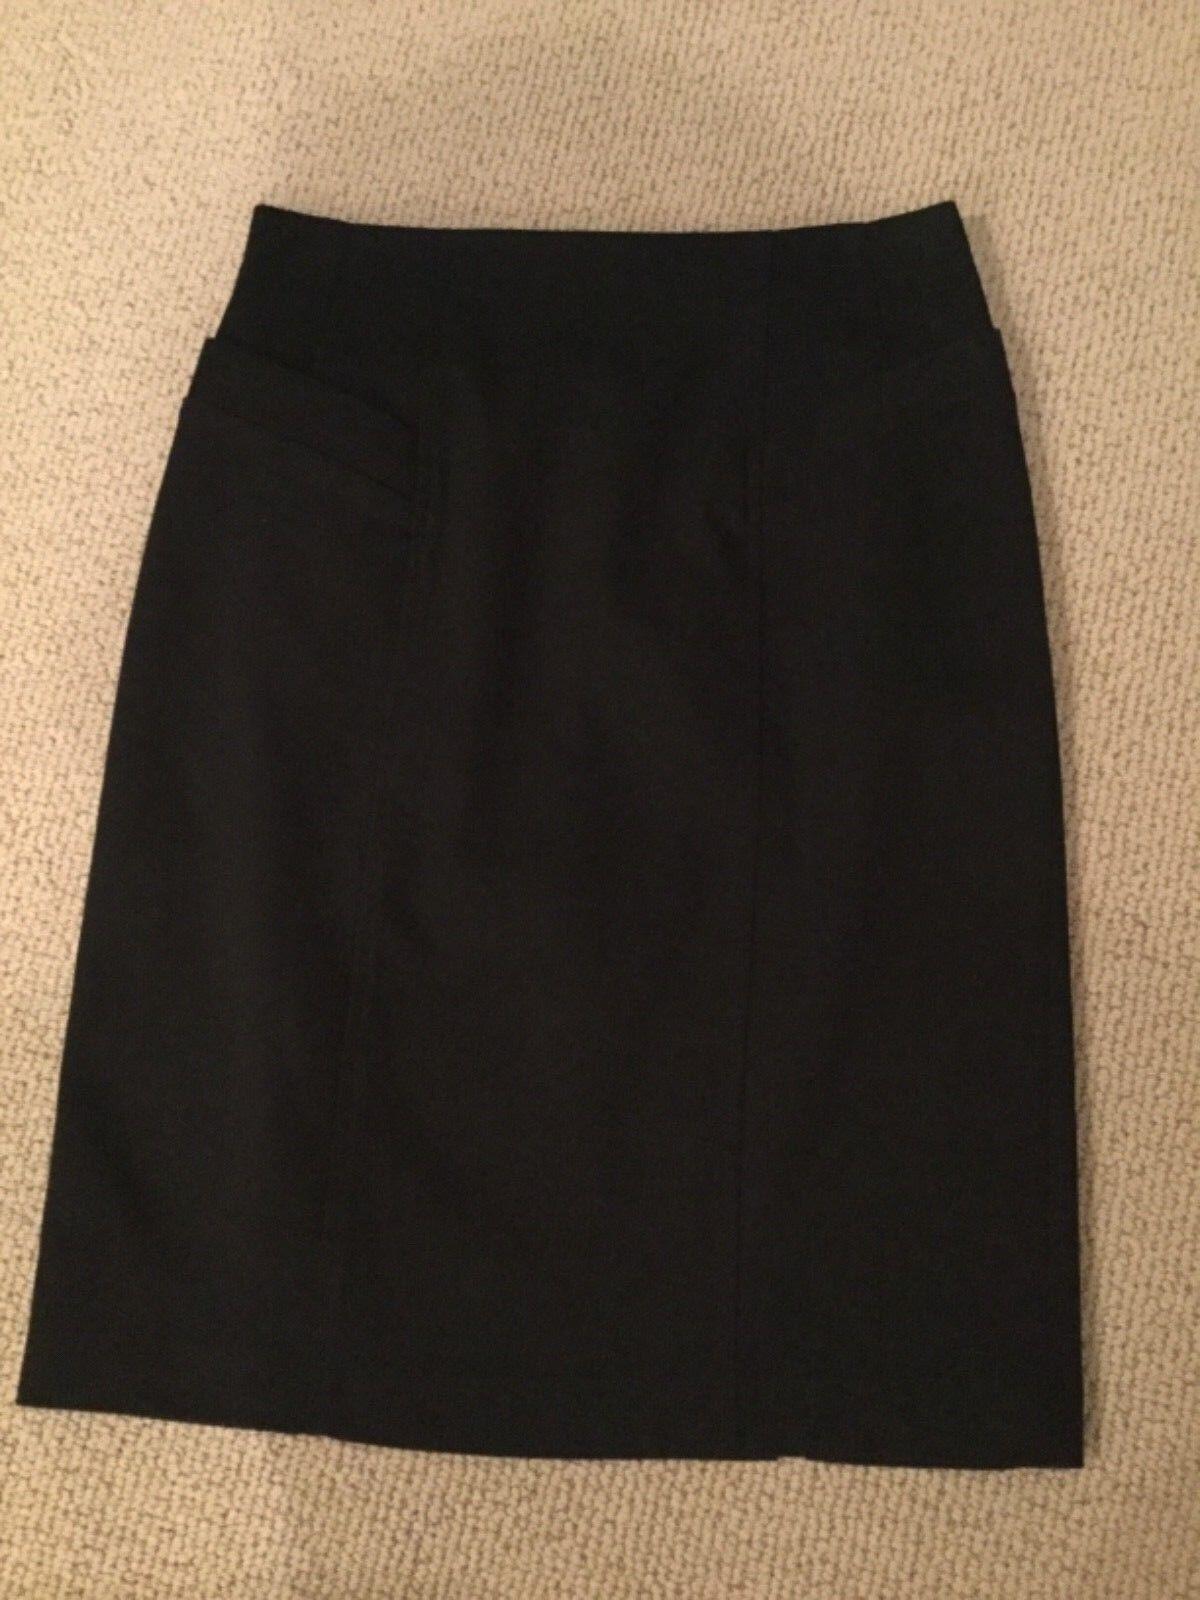 NWOT Nanette Lepore navy pencil skirt size 2 lined slits